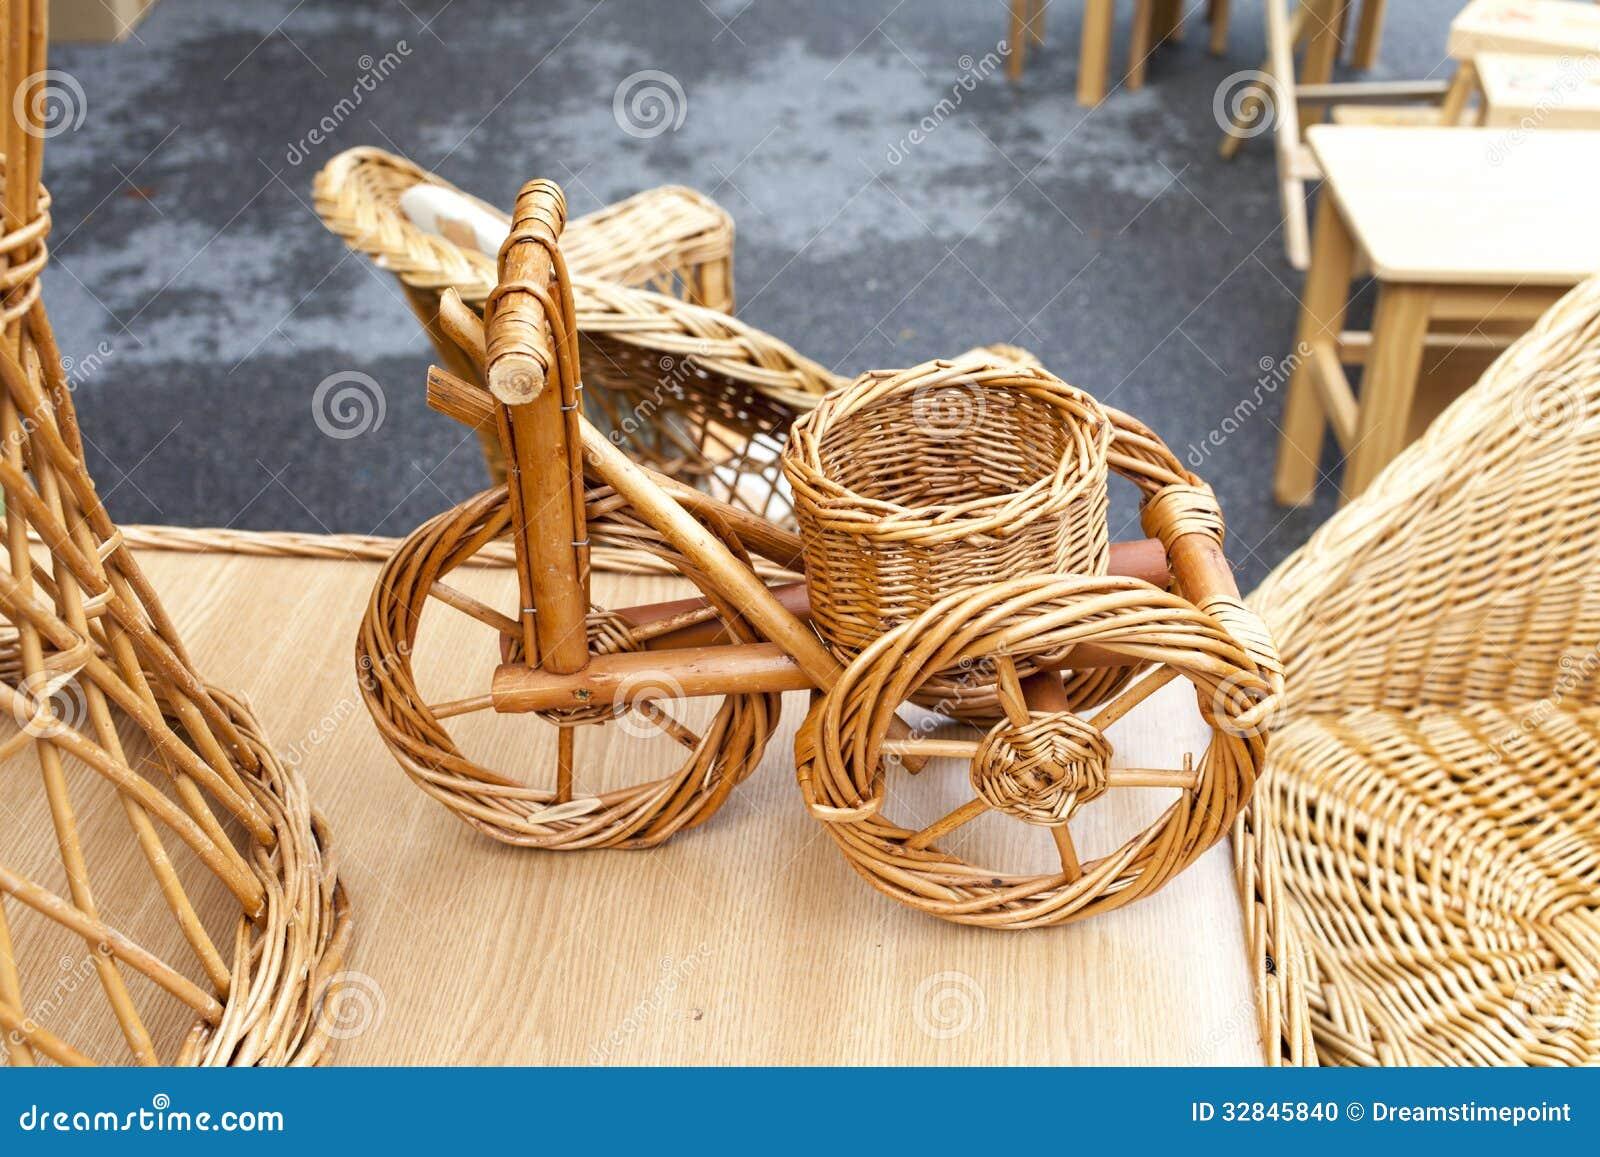 Bicicleta Y Muebles De Mimbre Foto De Archivo Imagen De Mont N  # Muebles Bicicleta